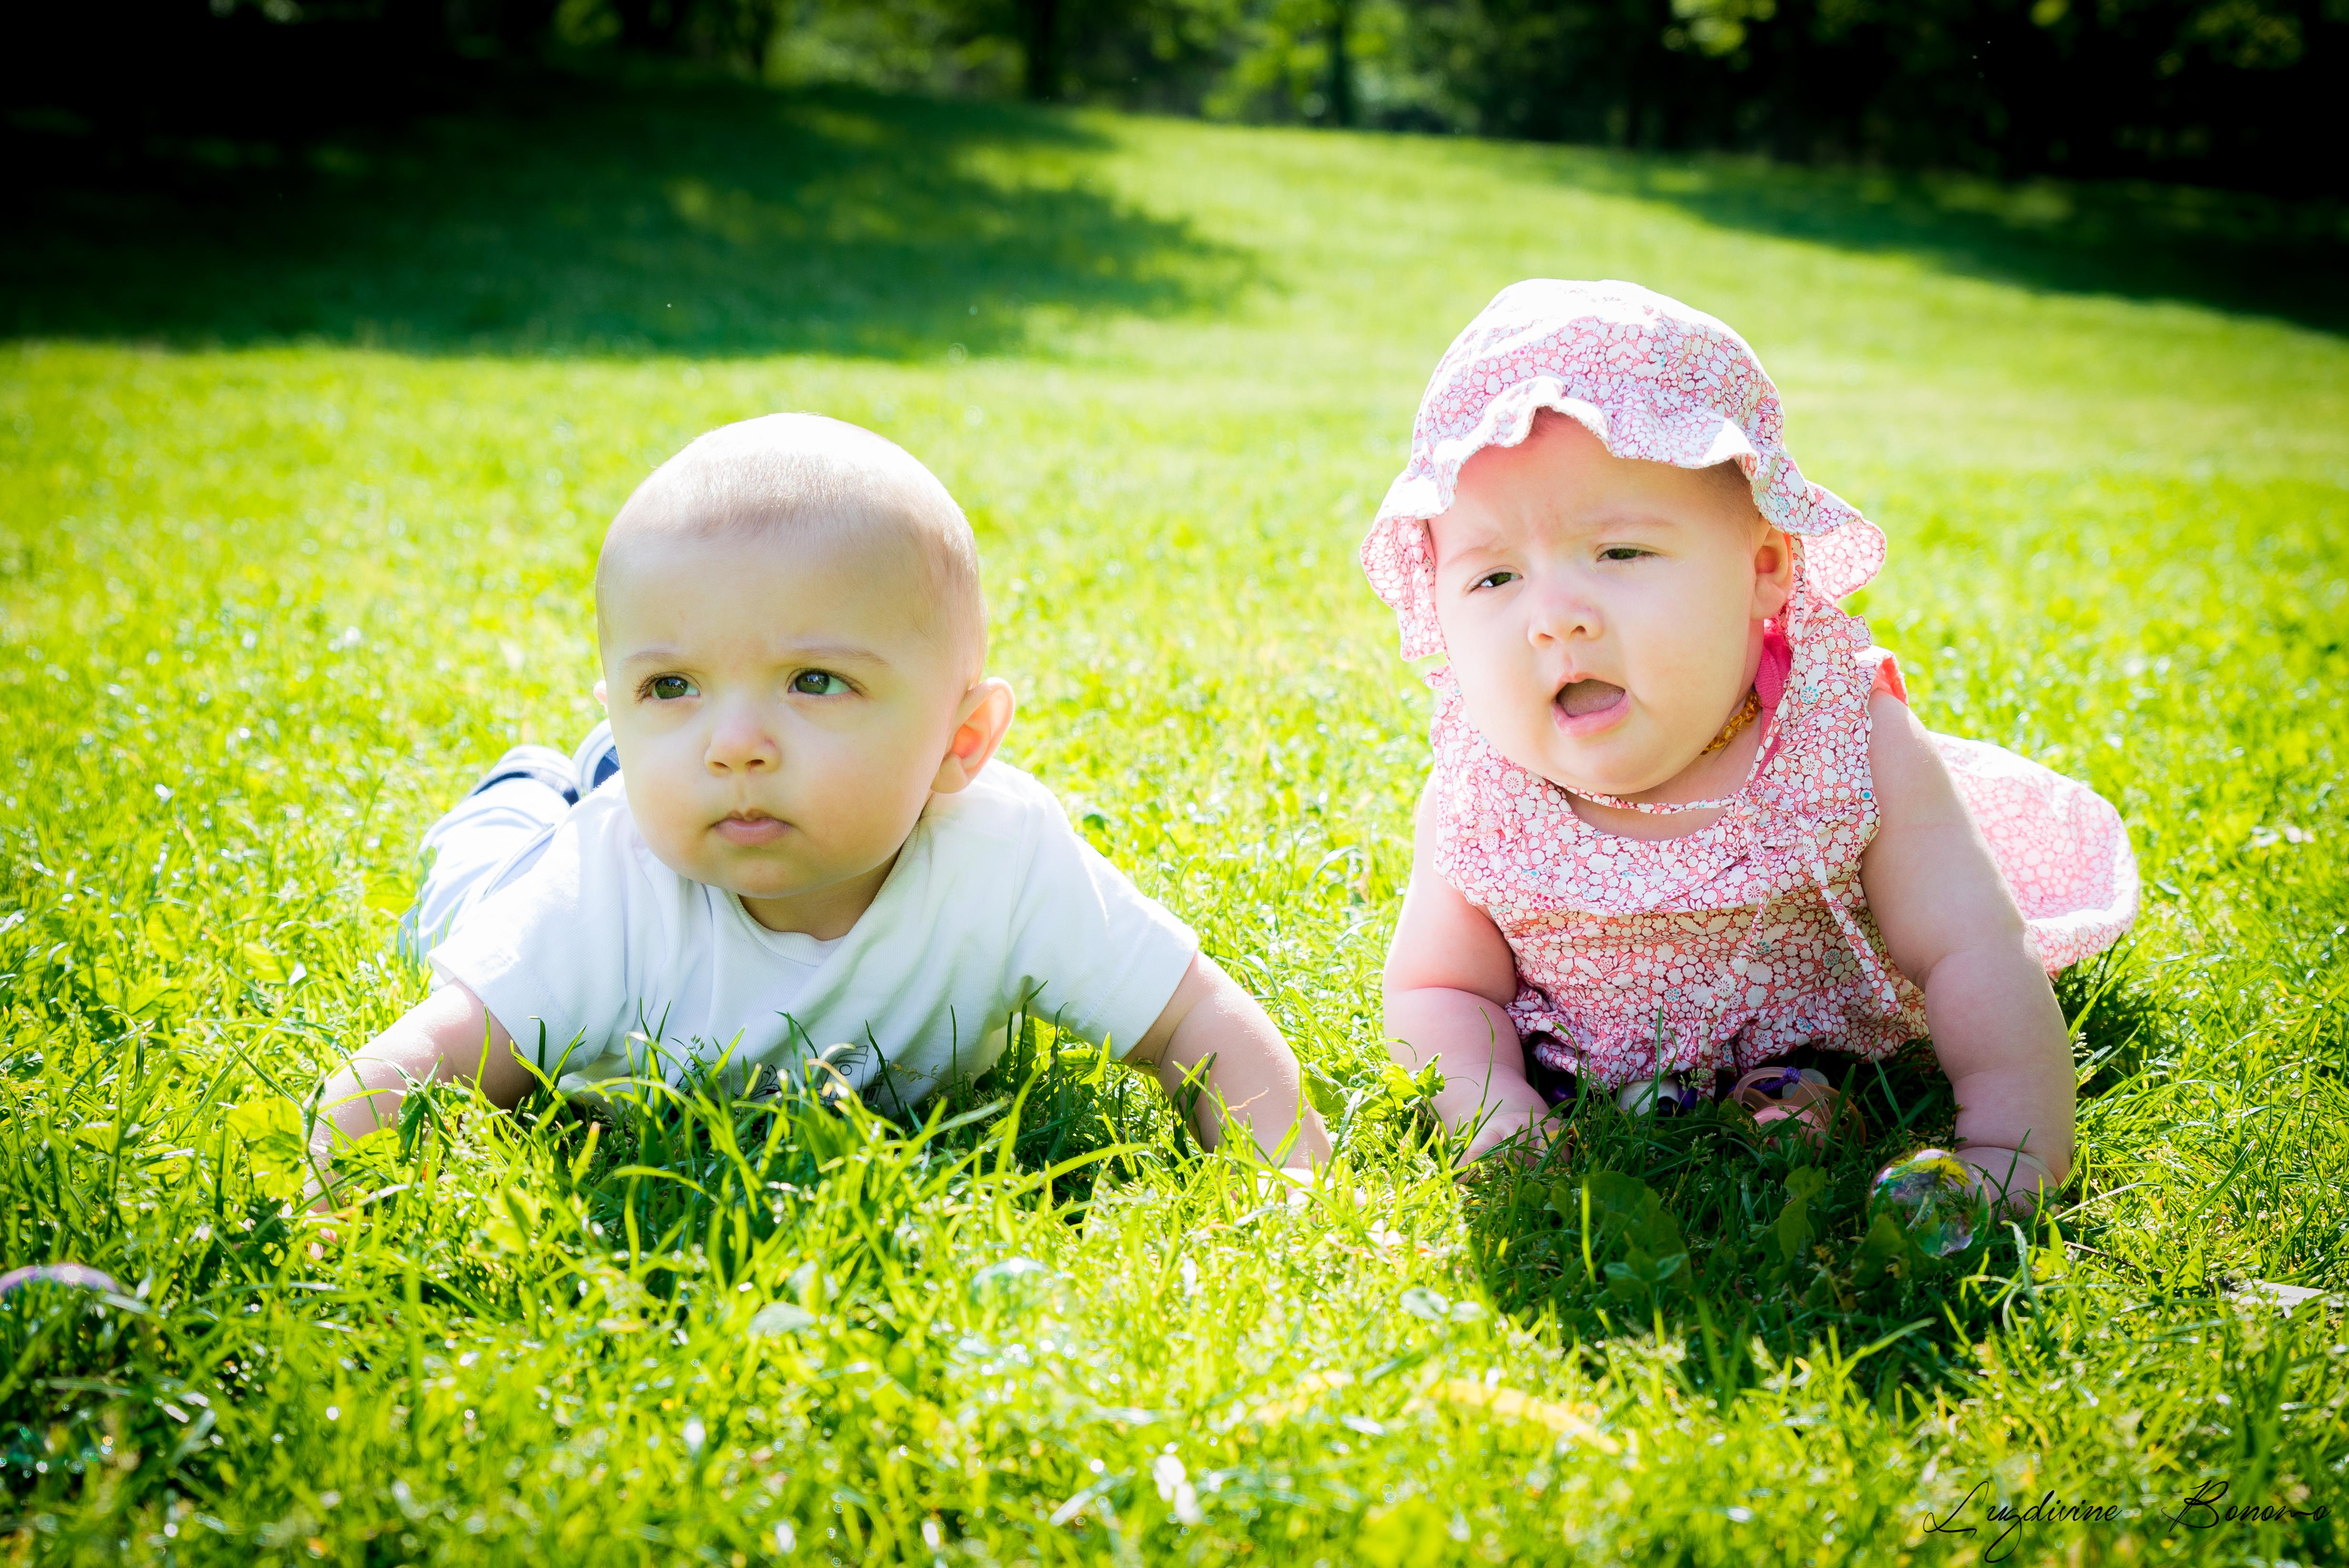 séance photo bébé 6 mois extérieur